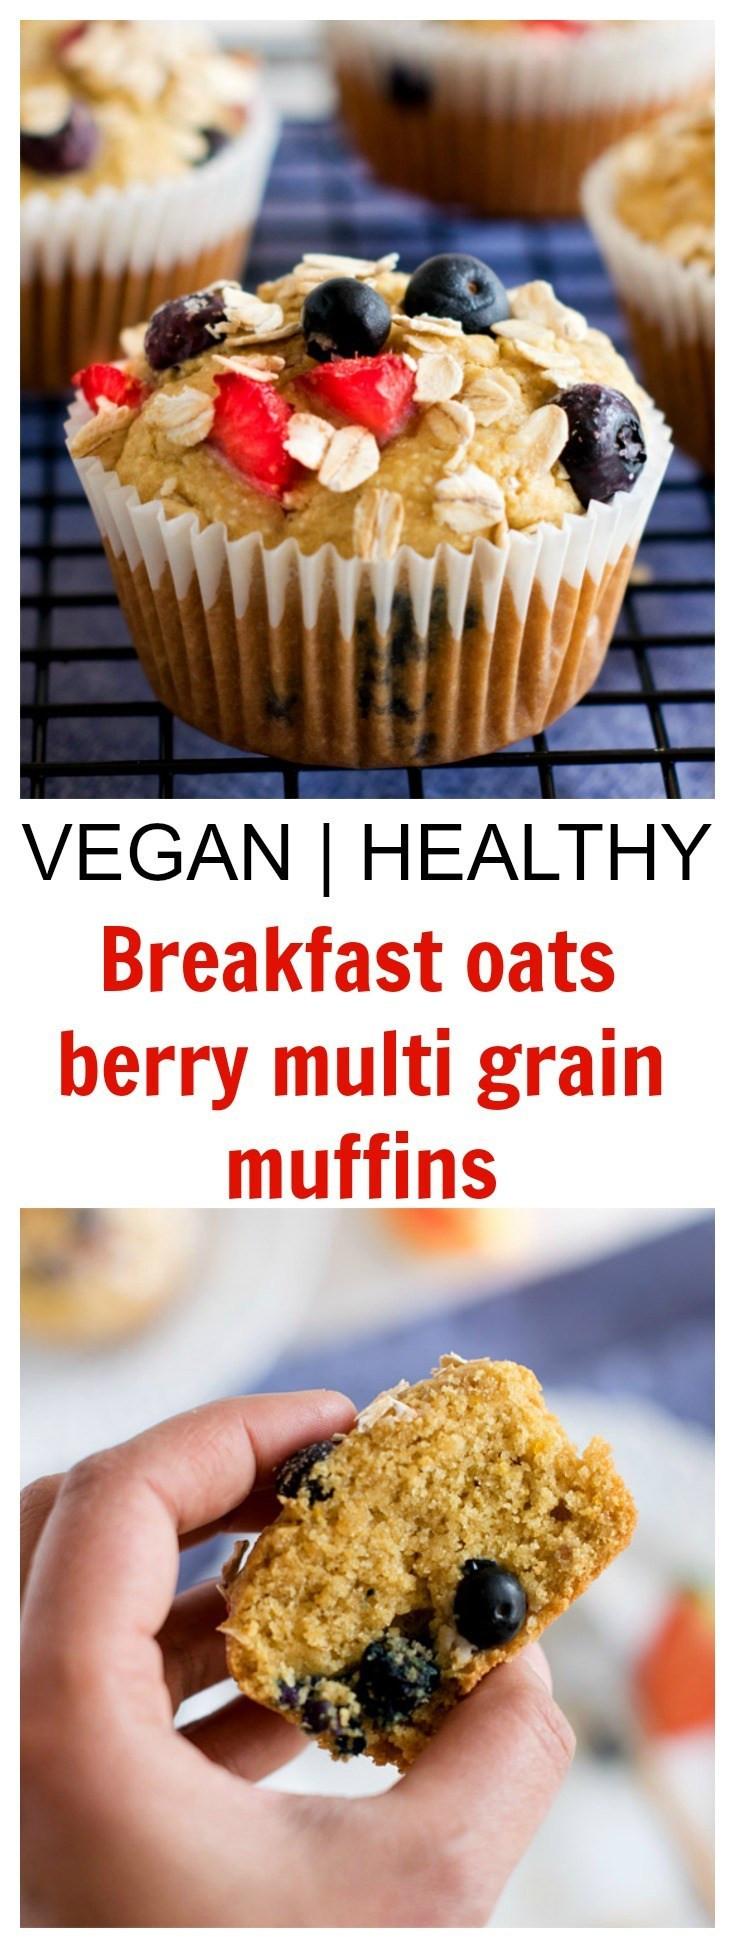 Healthy Vegan Breakfast Muffins  Breakfast oats berry multi grain muffins